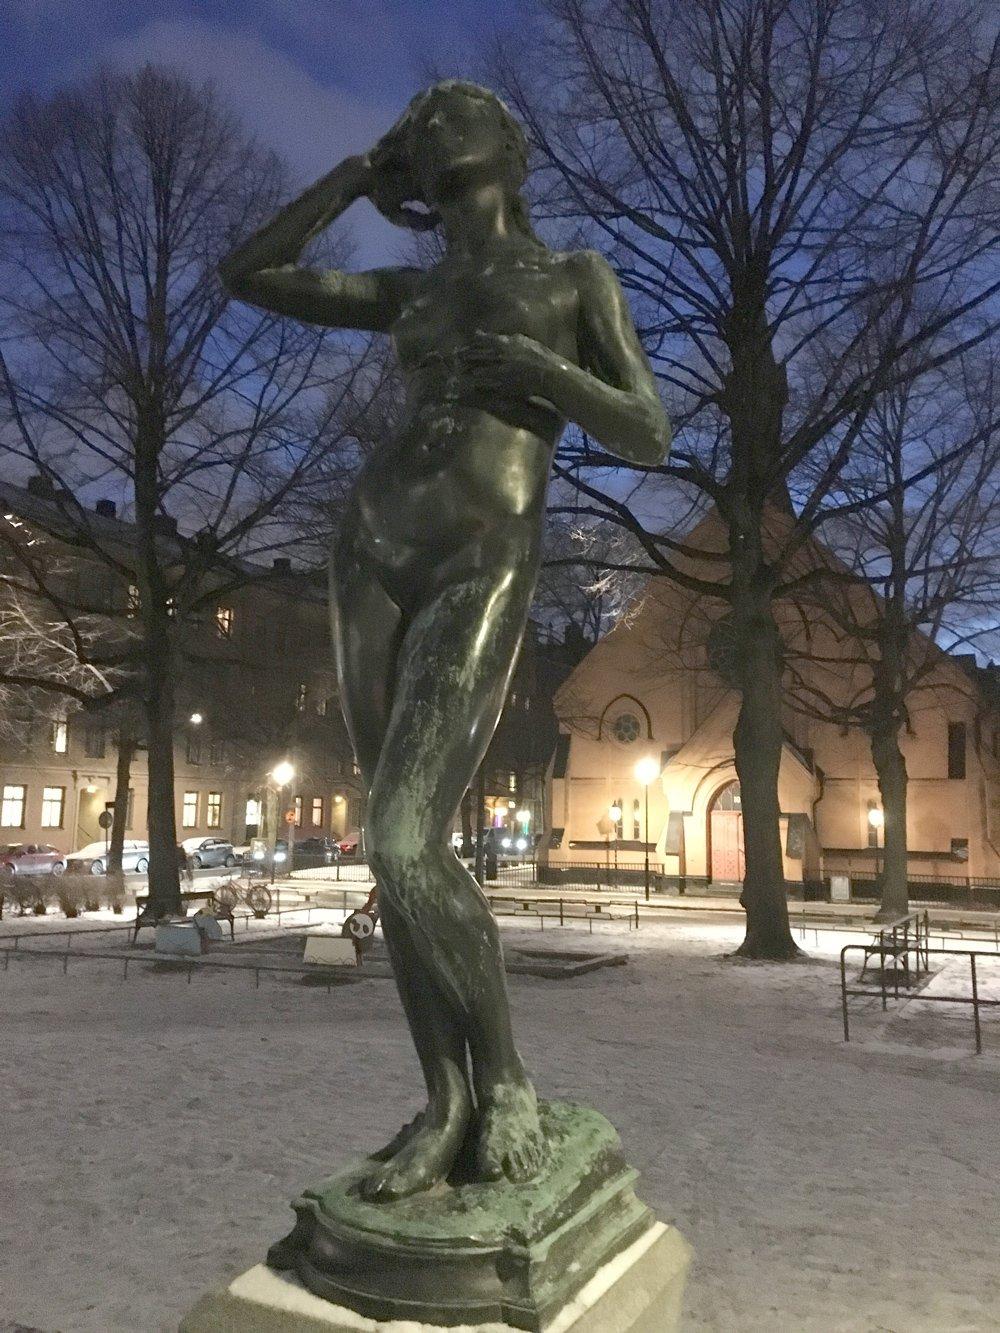 Snöklockan, Per Hasselberg, Mariatorget